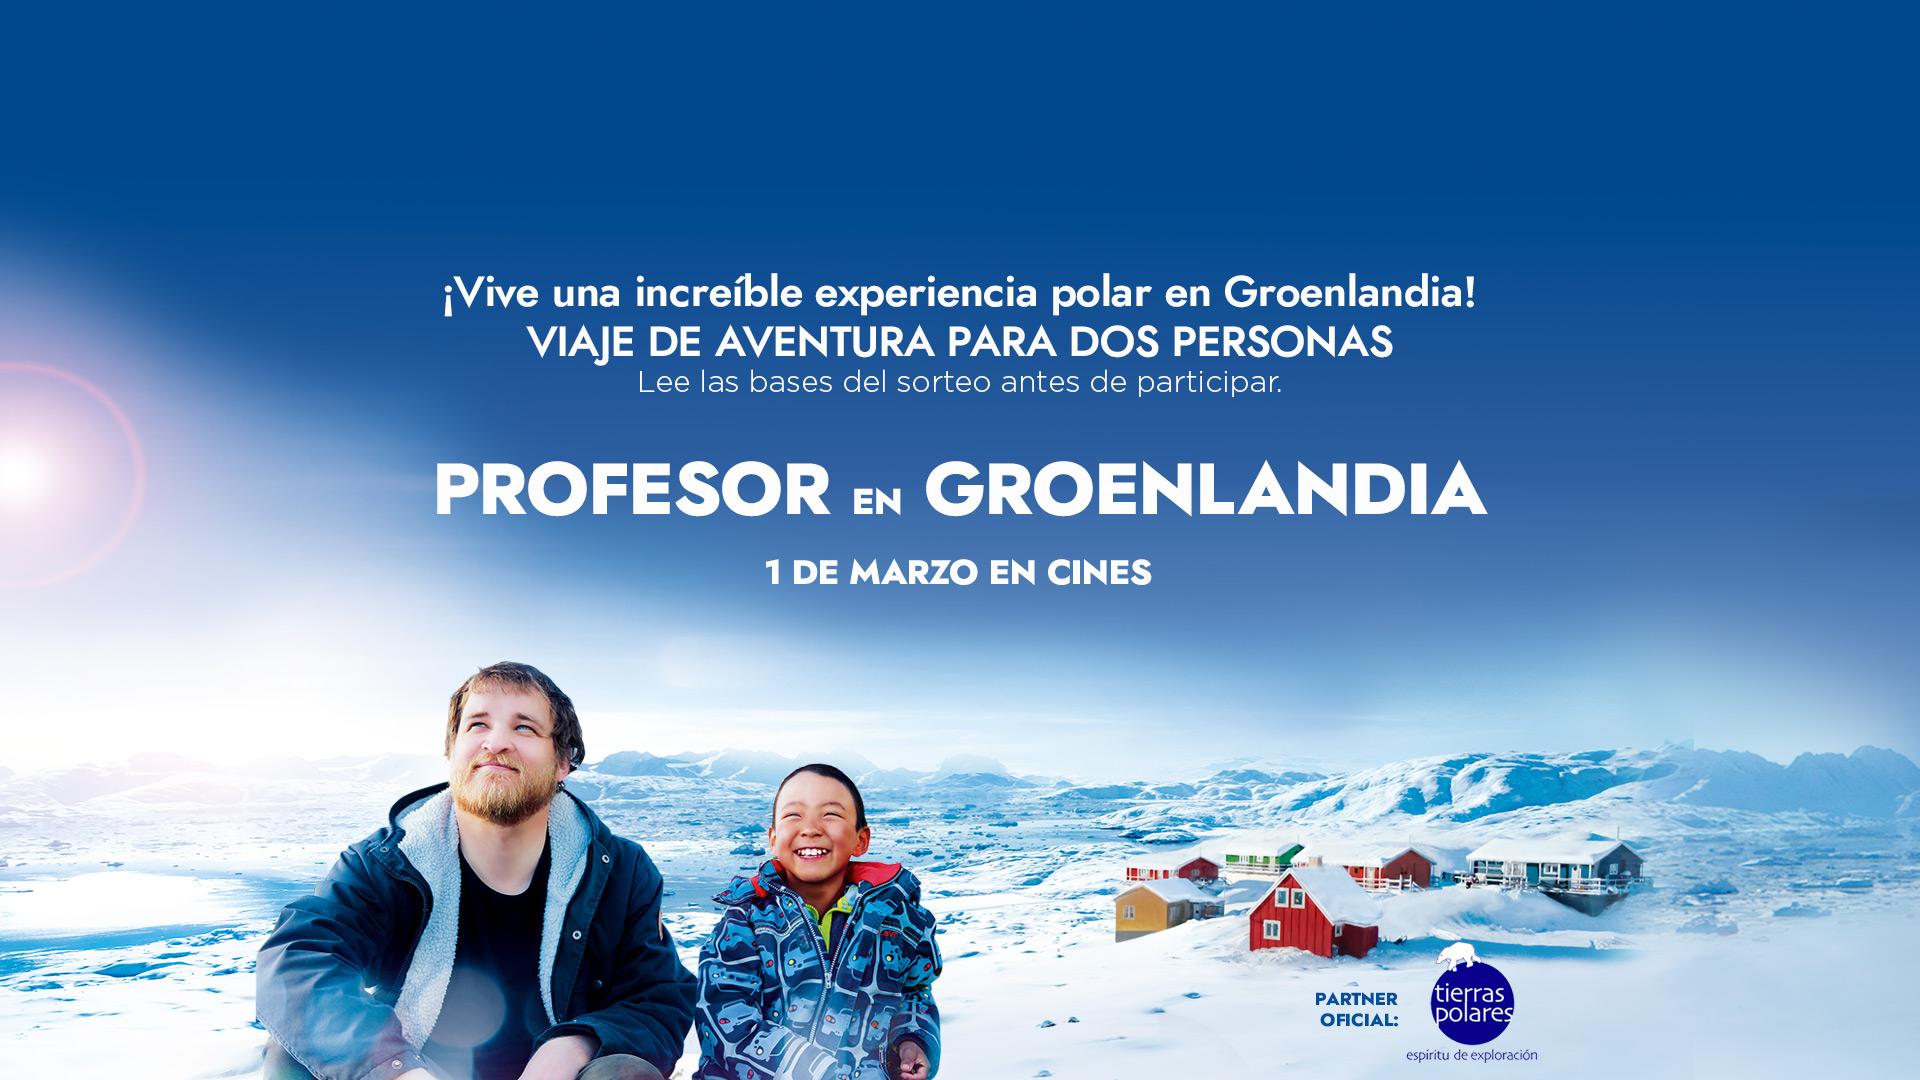 ¡Vive una increíble experiencia polar Groenlandia!